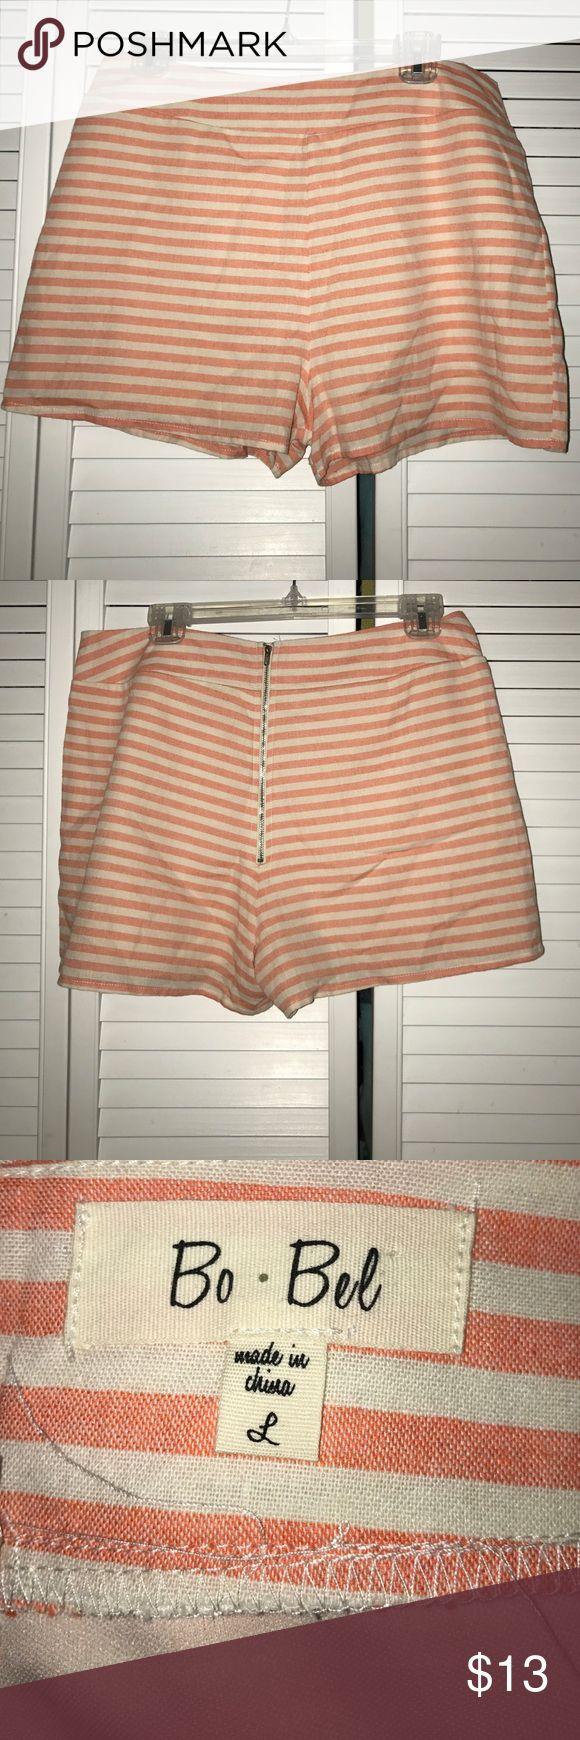 Bo Bel Orange and White strip shorts Bo Bel Orange and White strip shorts Bo Bel Shorts